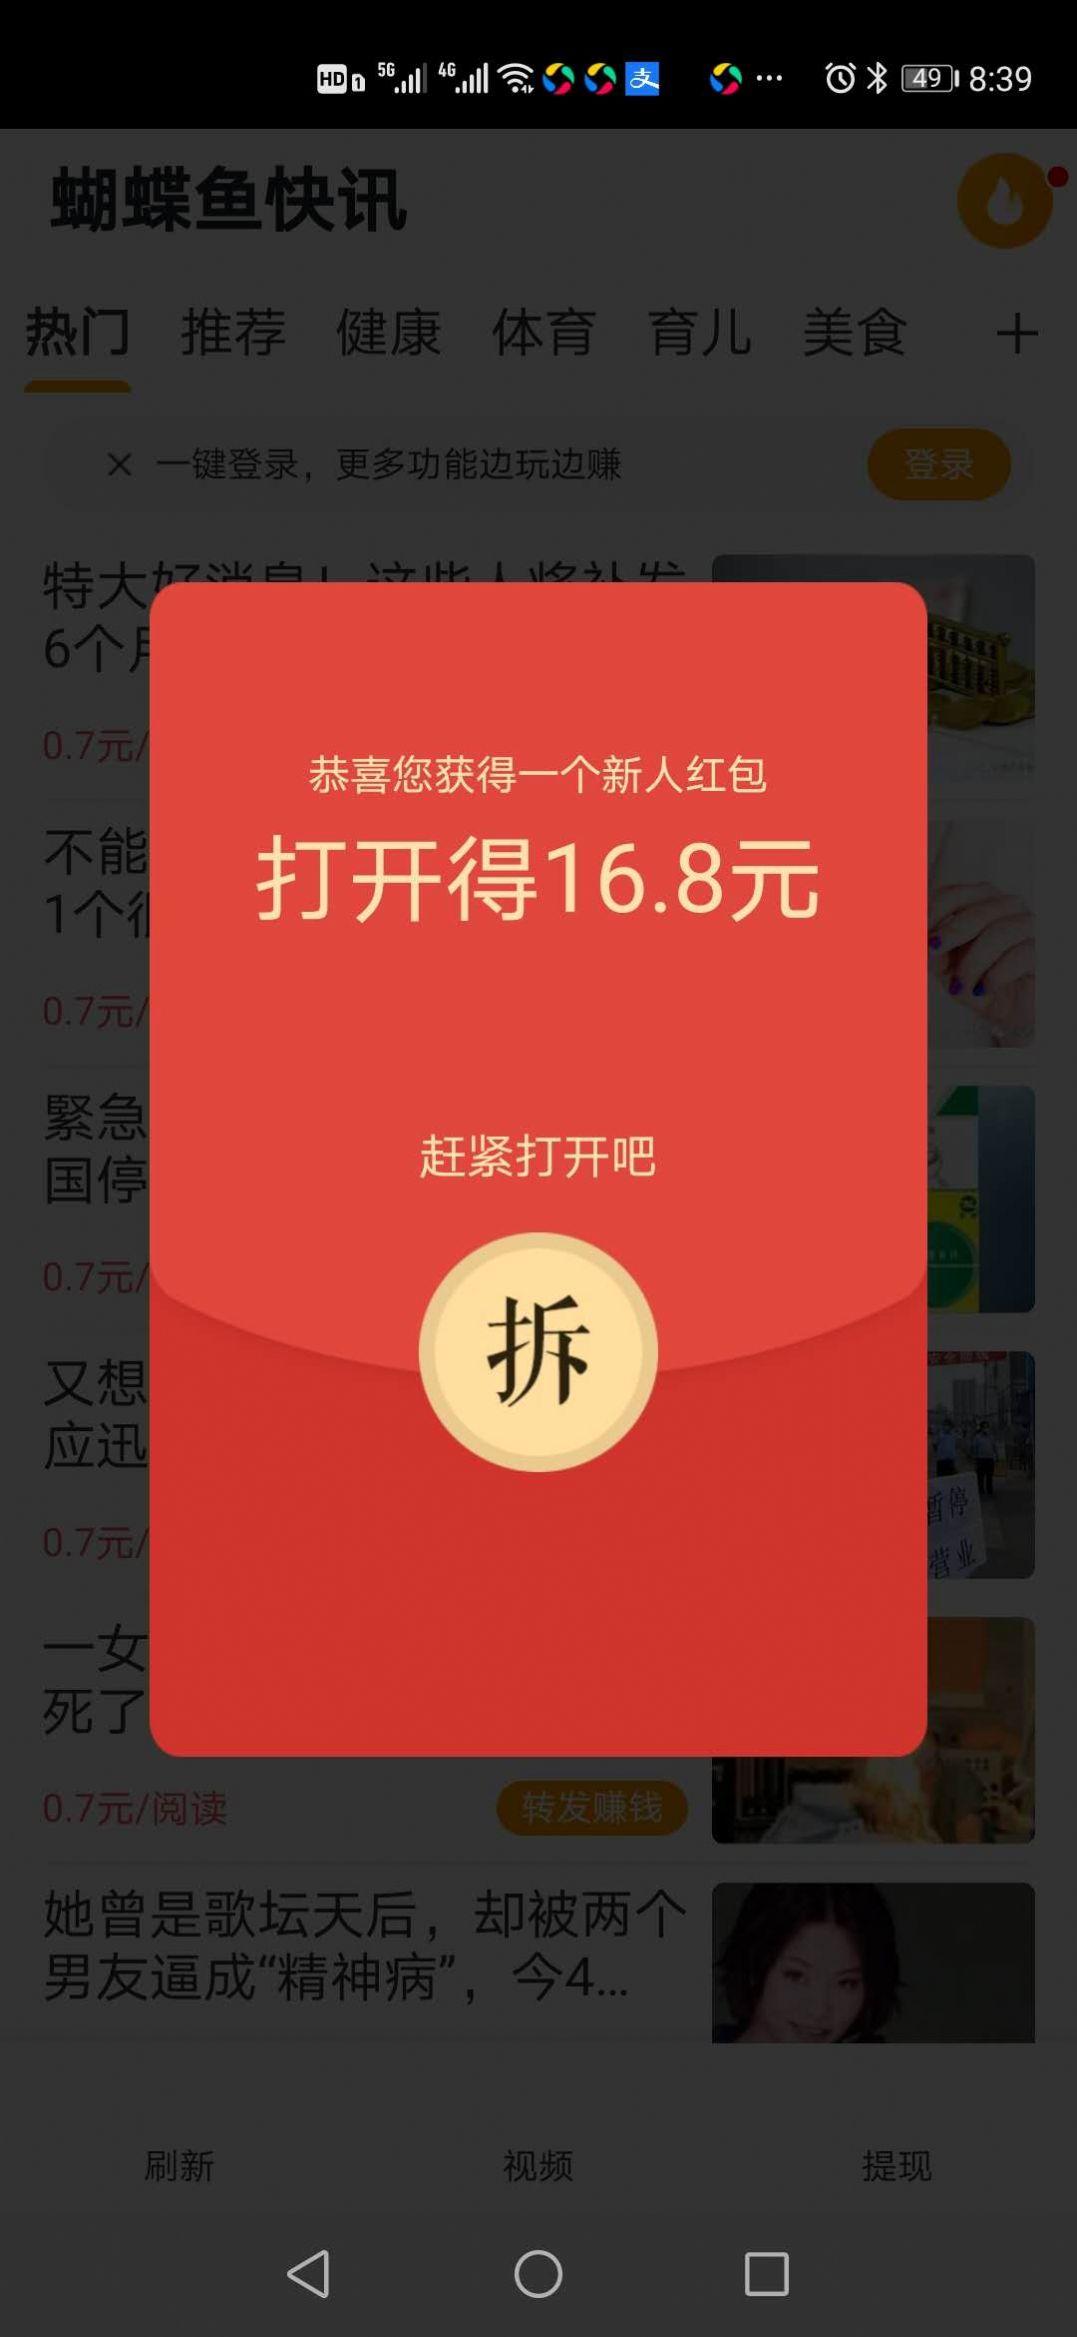 蝴蝶鱼快讯app官方版  v1.0.0图3